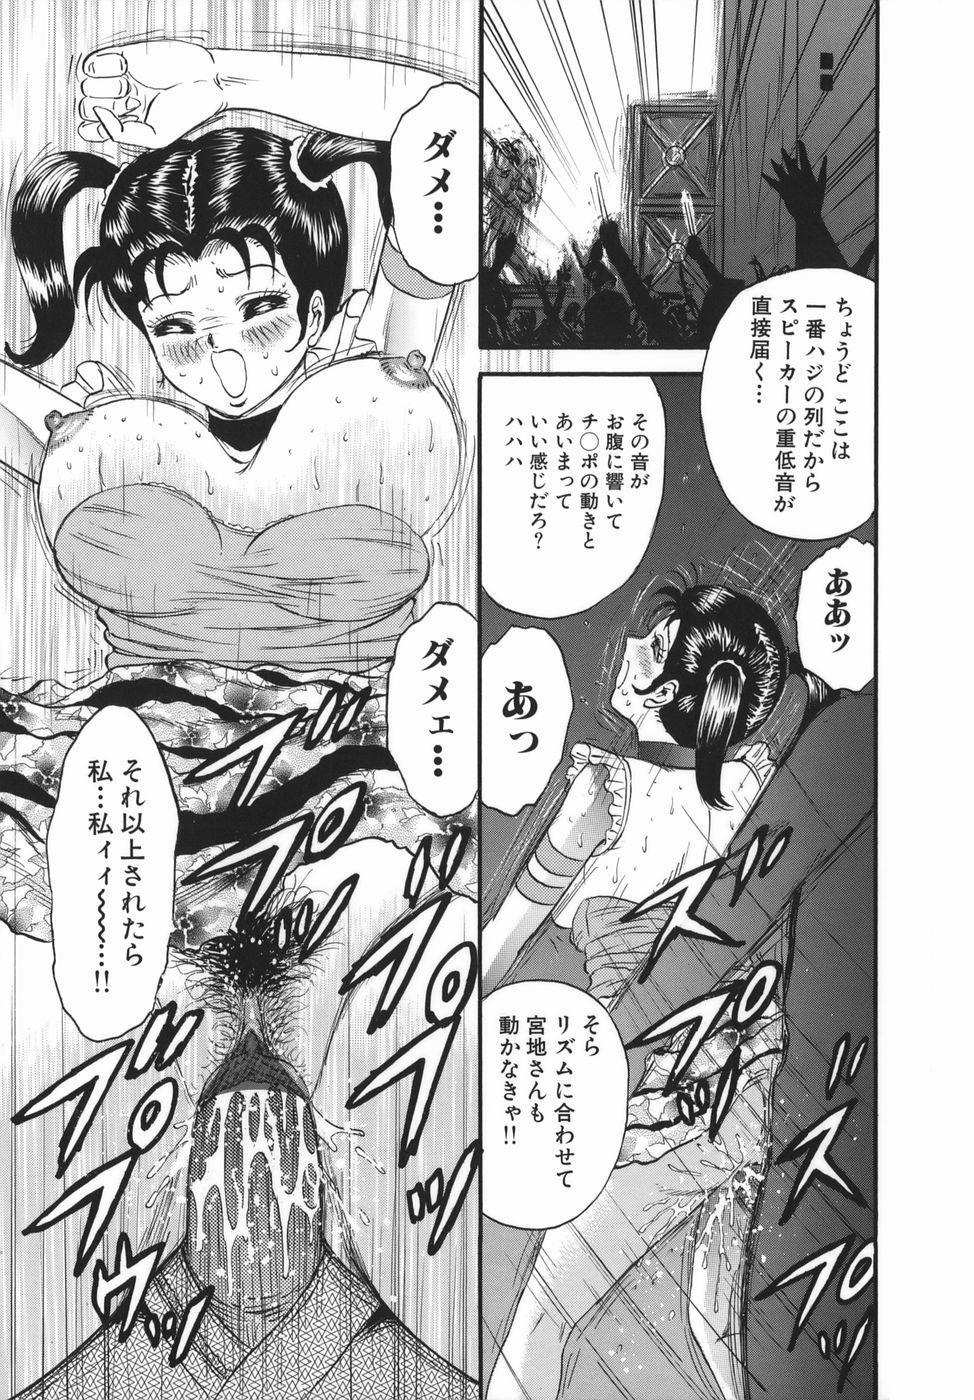 Goukan Hanzai - Rape Crime 78